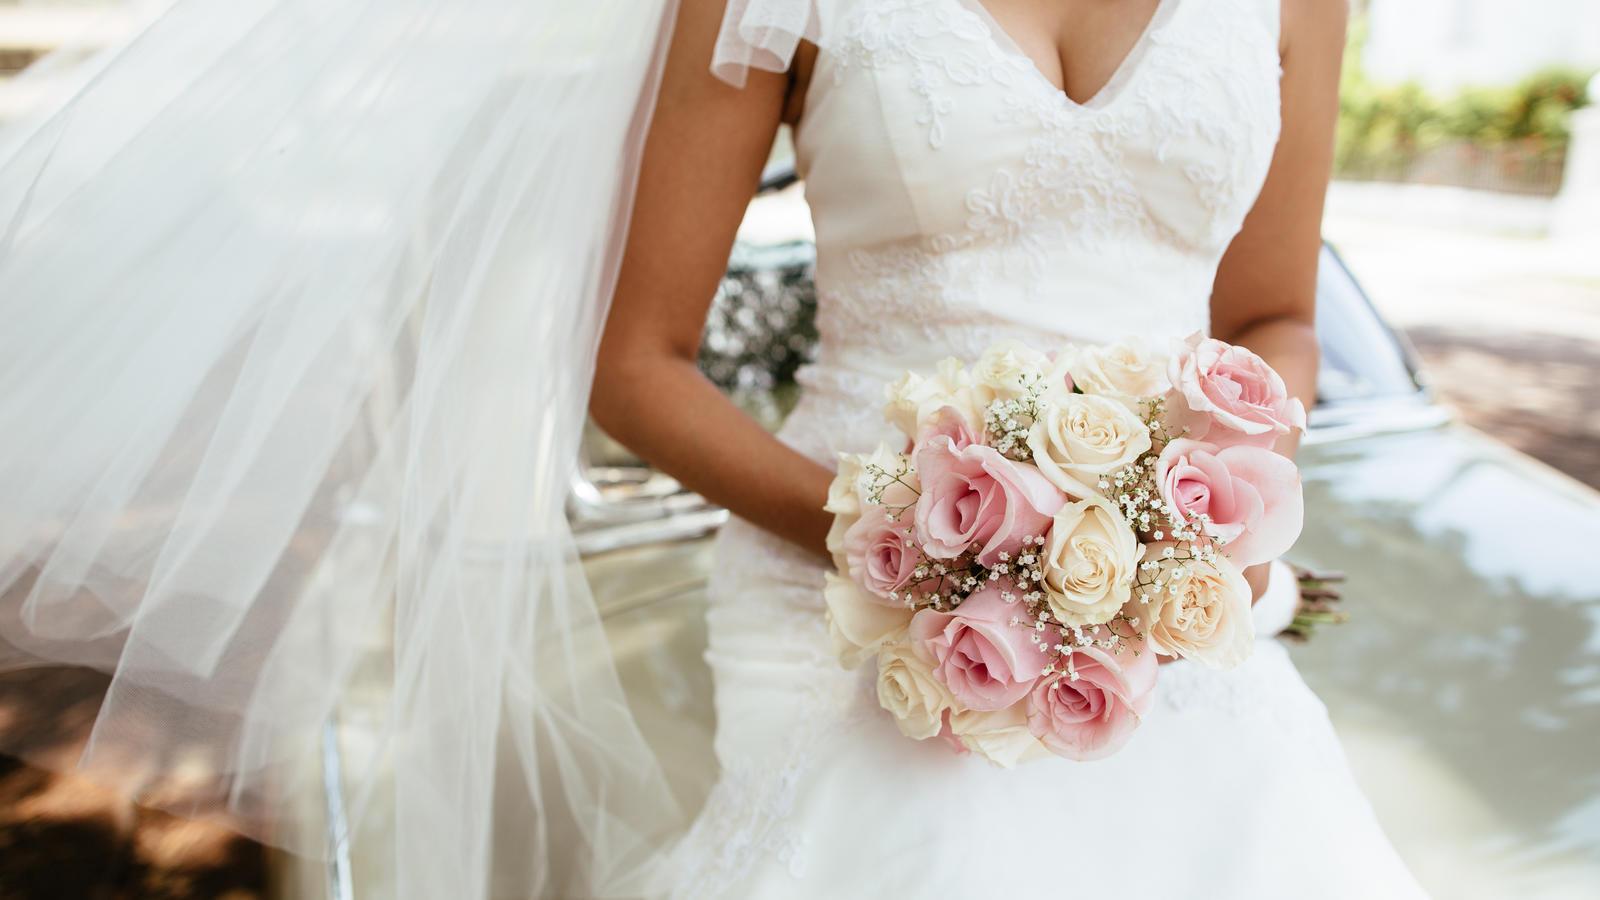 Ein Traum in Weiß: Was taugen günstige Brautkleider?